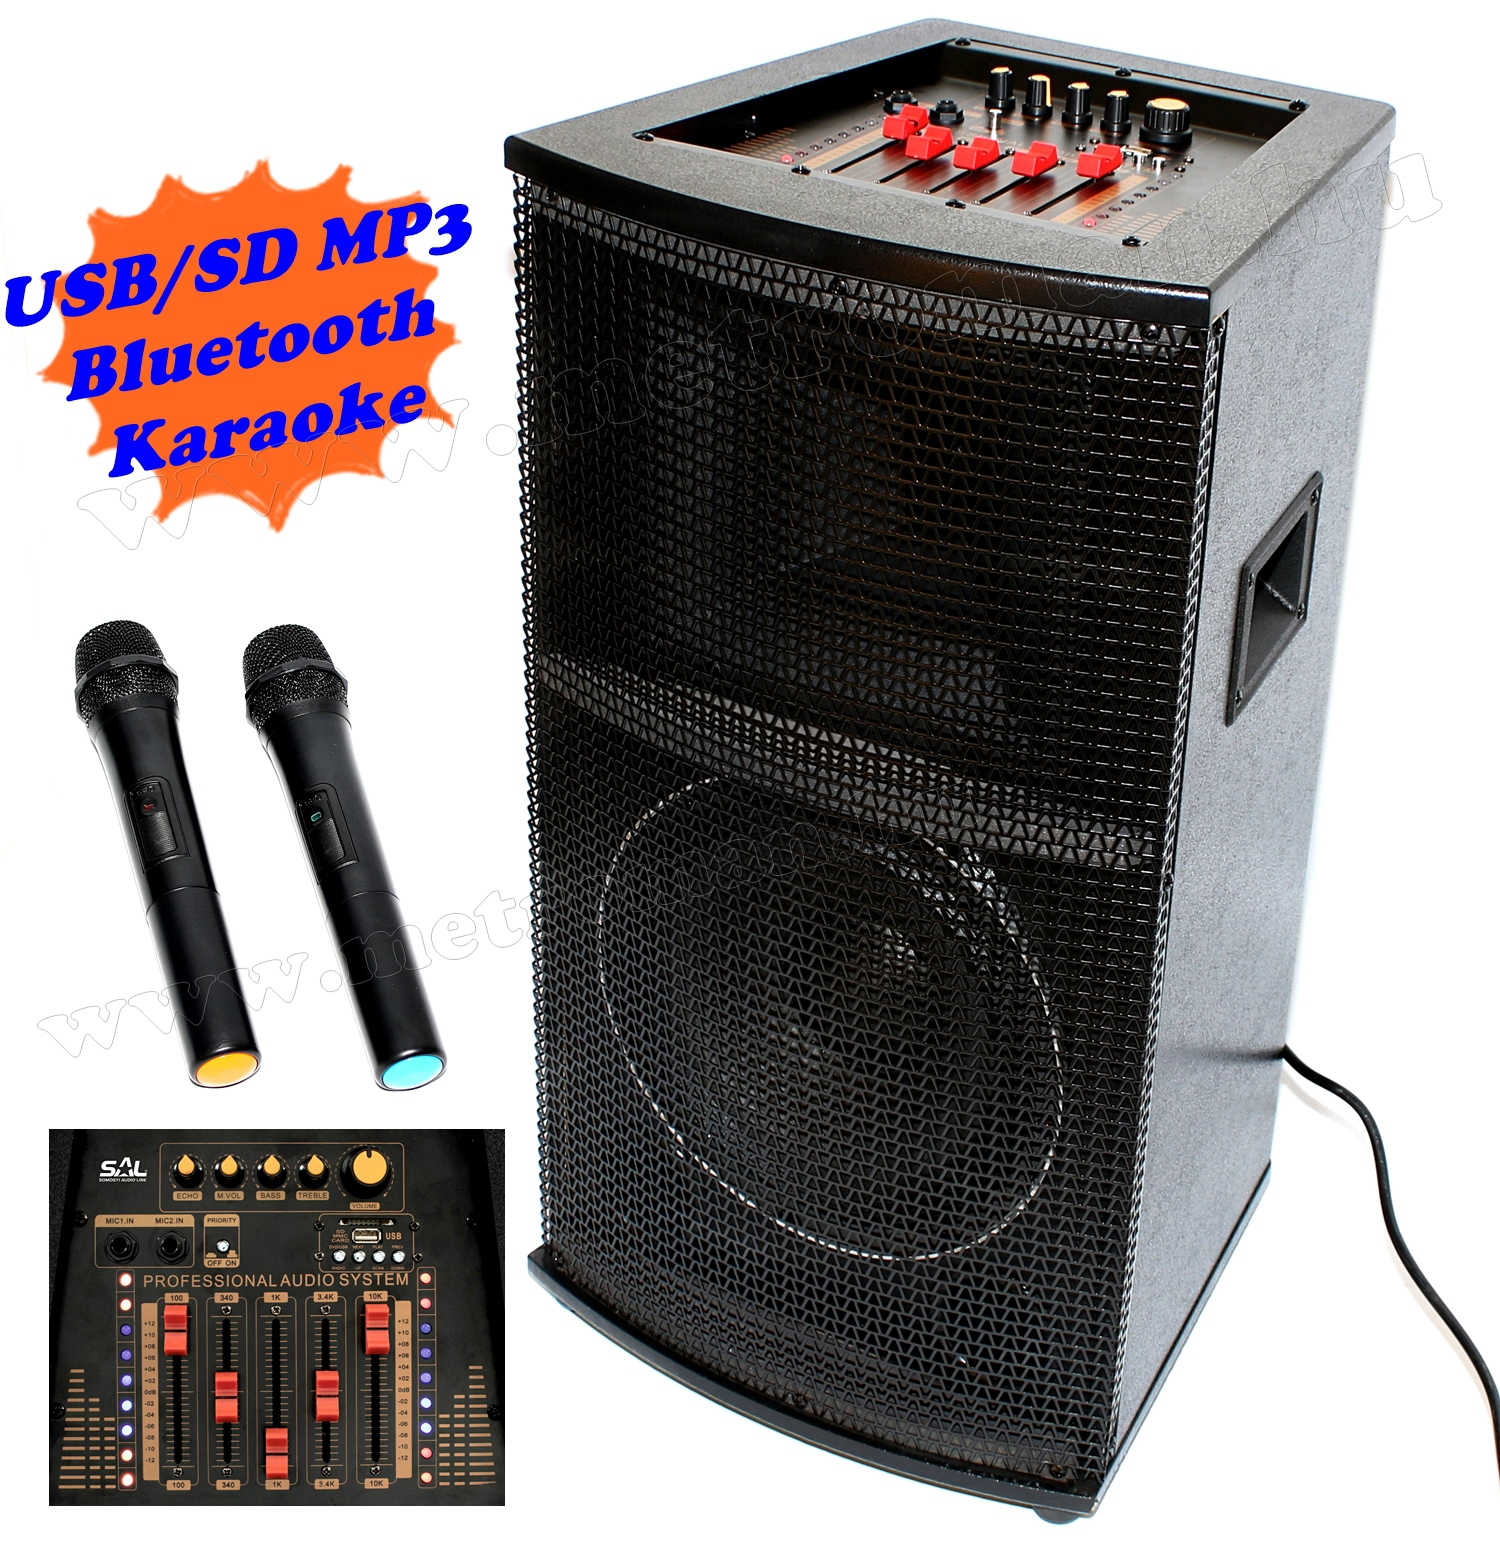 Aktív hangfal karaoke szett, USB/SD MP3 Bluetooth hangszóró vezeték nélküli mikrofonnal PAX25BT